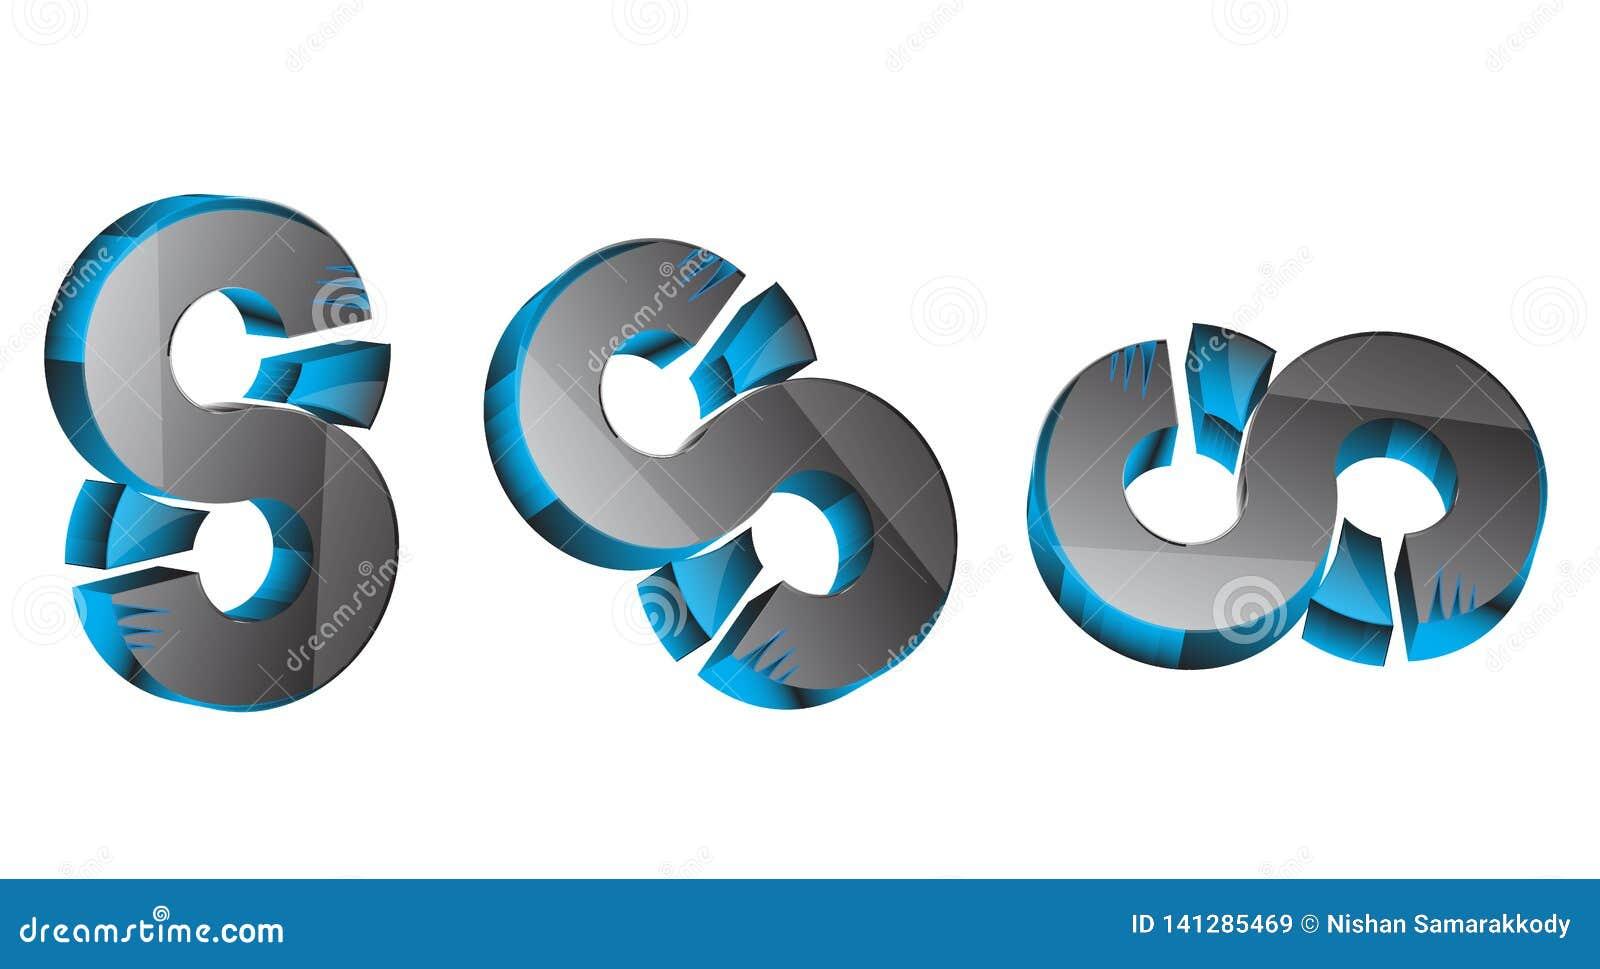 3d 3d 8 3D S Nummer 8 3D Blauwe & grijze kleur 8 zwart, Blauw & grijs sss beste 3D